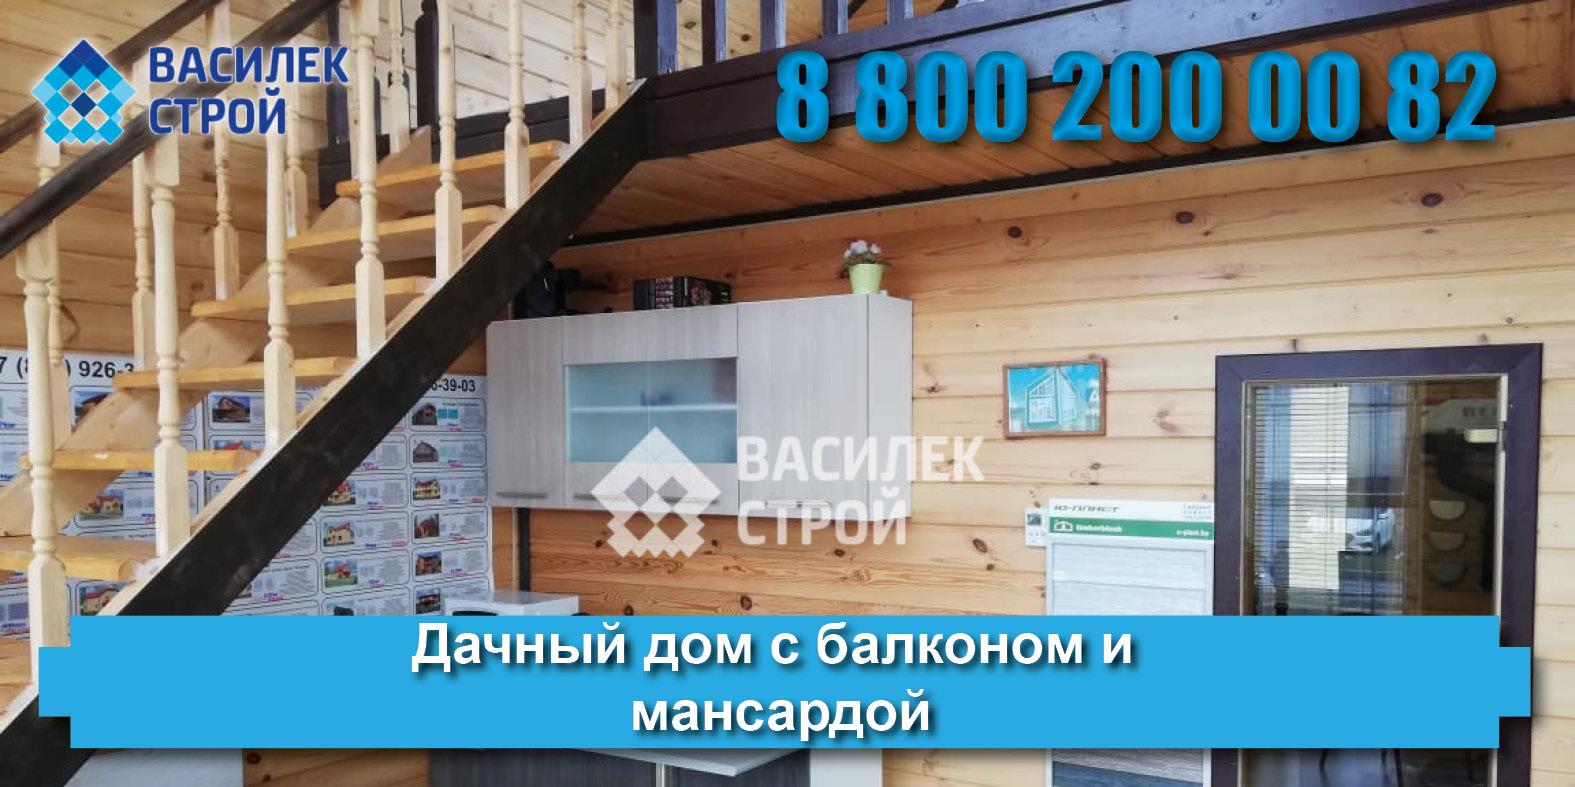 Выбираем проект дома с балконом и как сделать балкон в деревянном доме из бруса: что выбрать дом с верандой и балконом или дом с мансардой и балконом